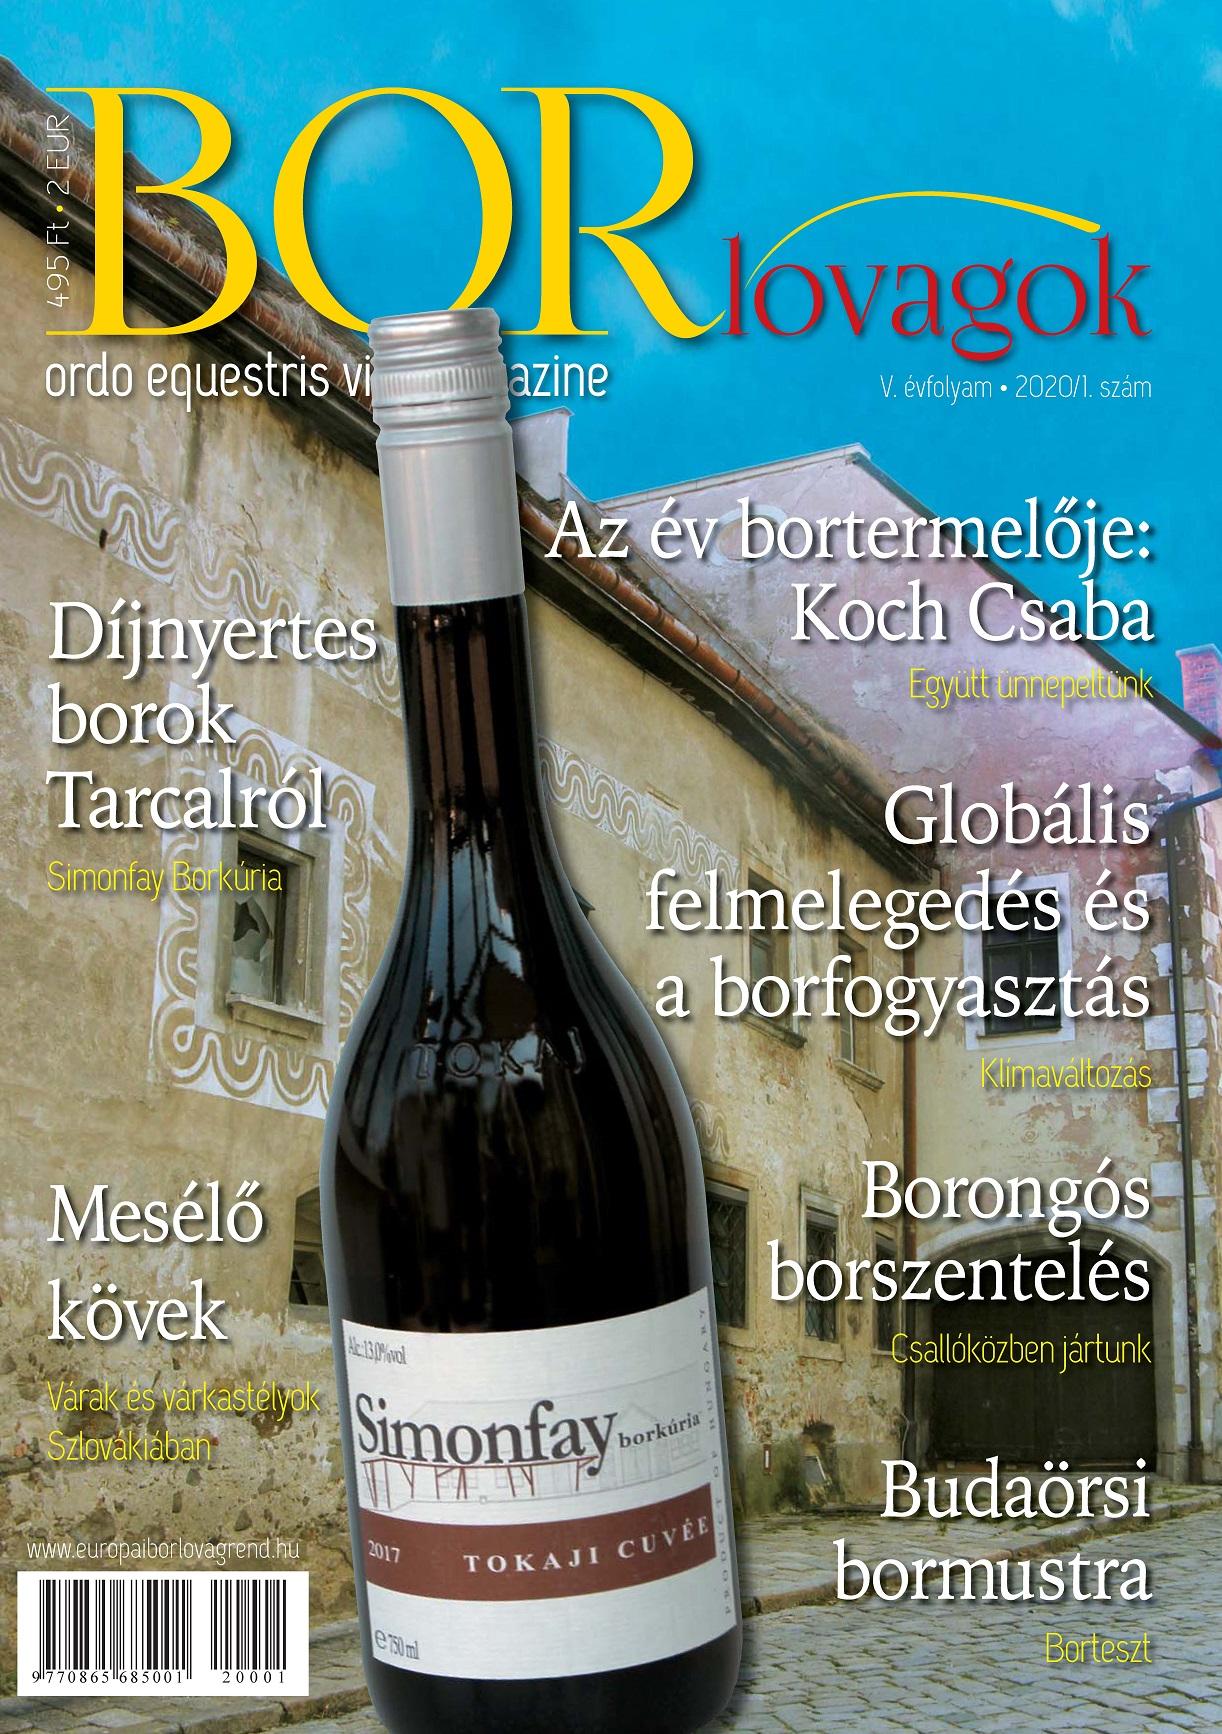 MEGJELENT A BORLOVAGOK Magazin 2020/1